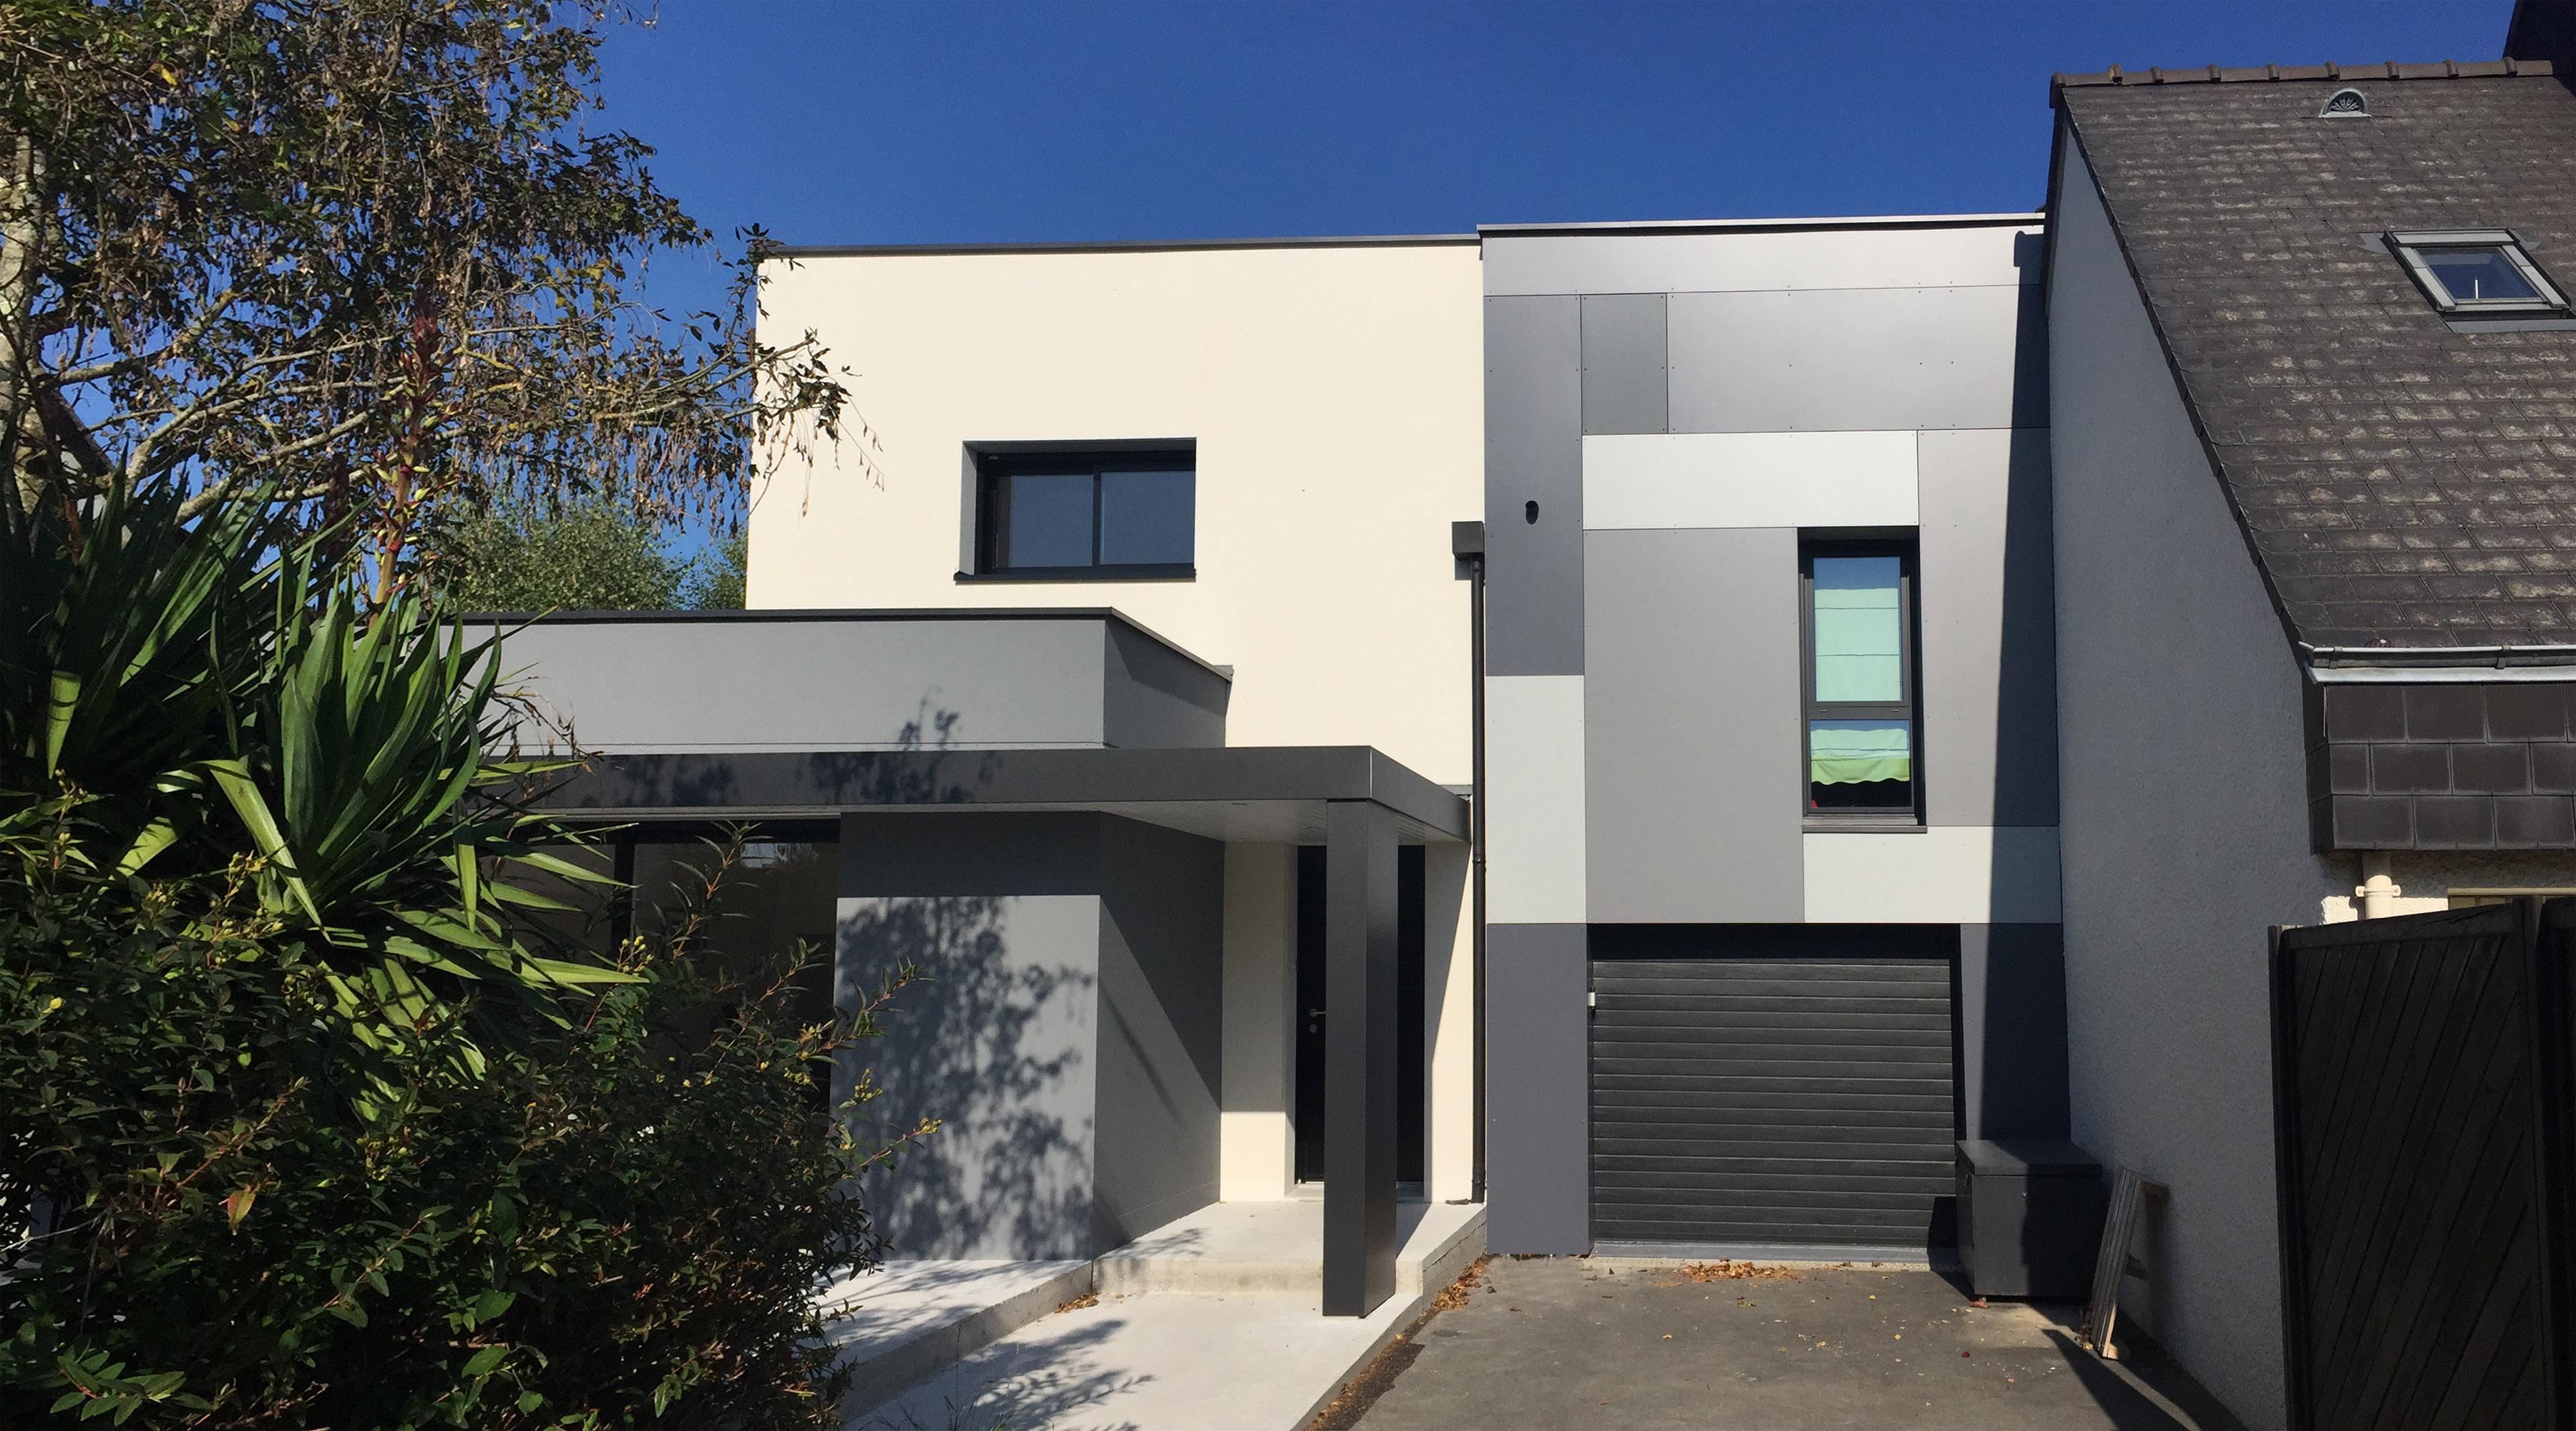 extension maison contemporaine rennes architecte rennes 1 2 vue lise roturier. Black Bedroom Furniture Sets. Home Design Ideas